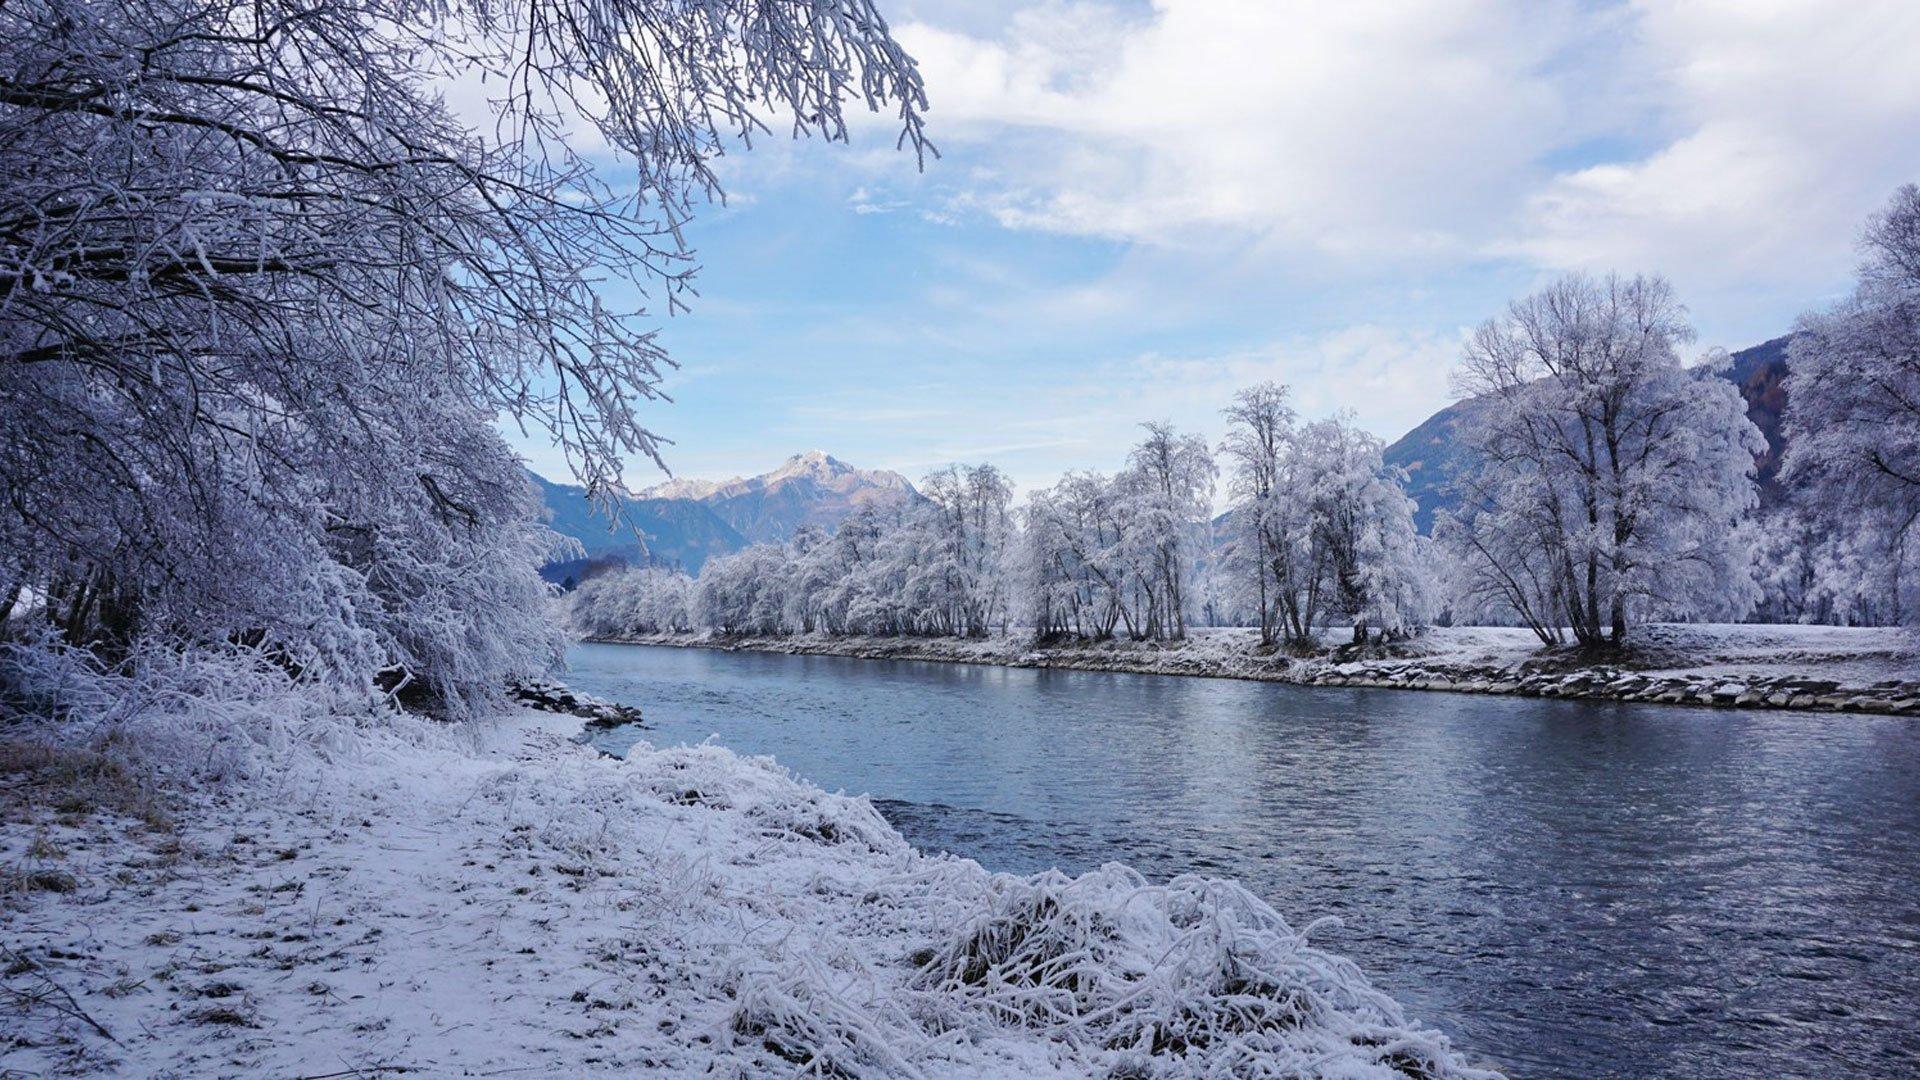 LAG-GG-Winterlandschaft-Blick